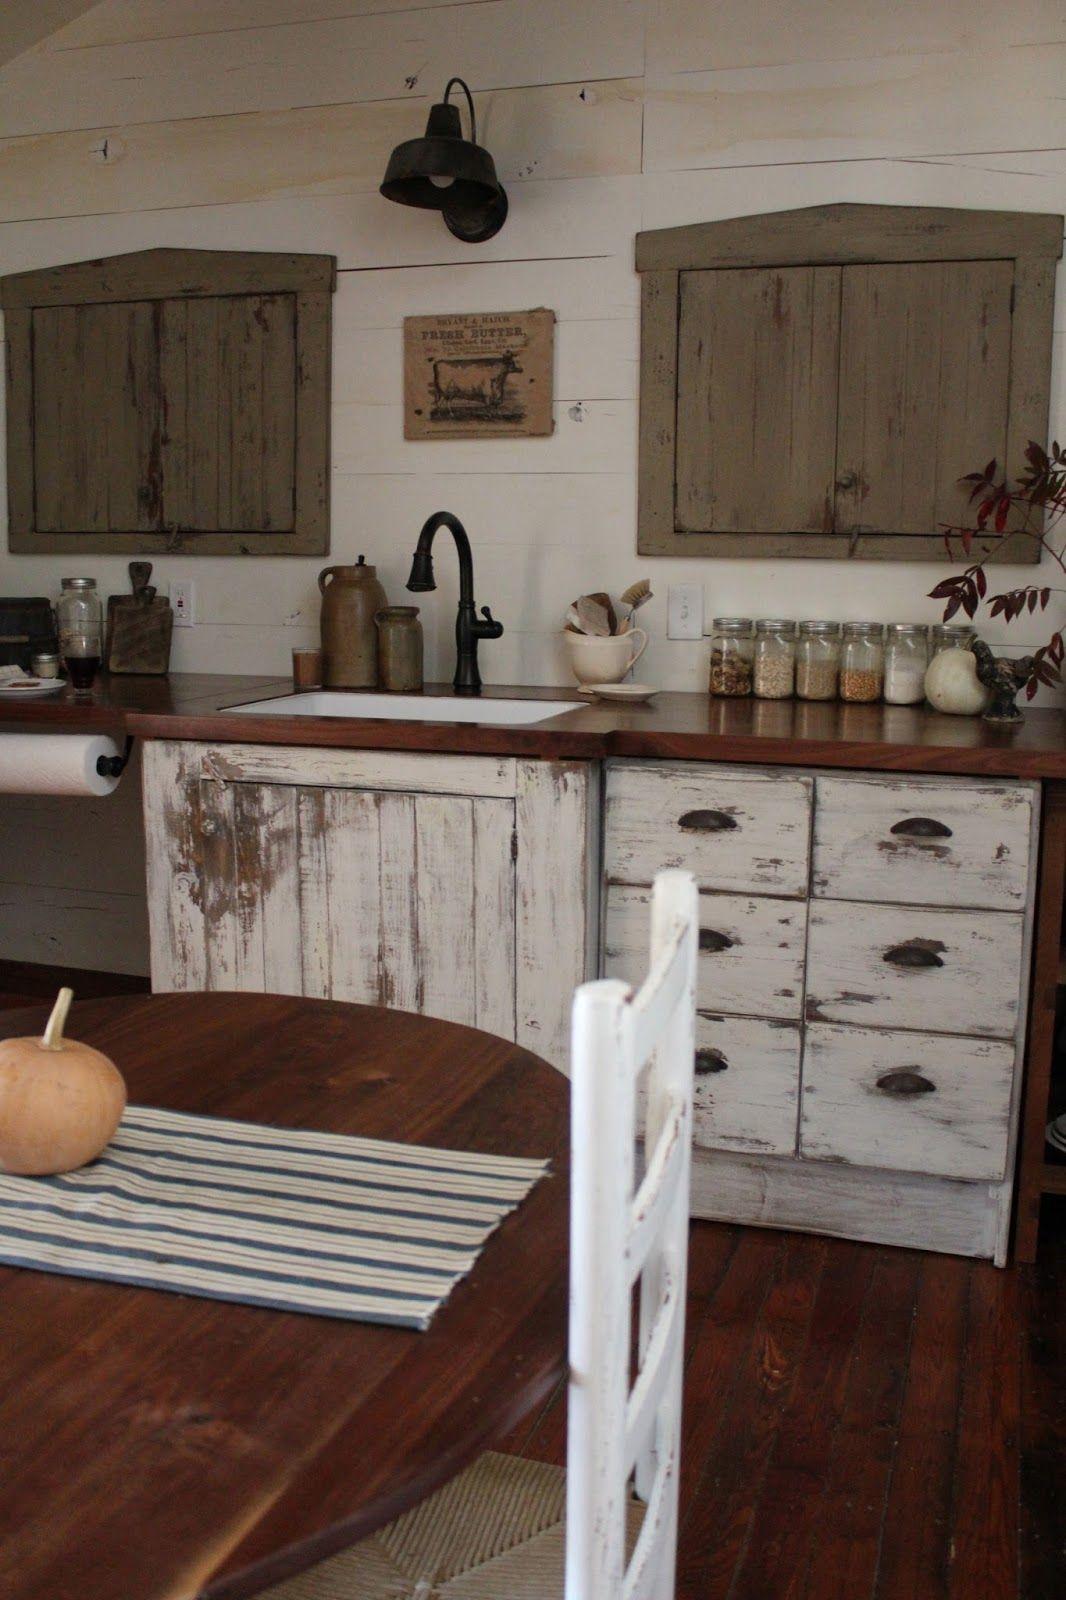 our farm kitchen farmhouse style kitchen cabinets kitchen cabinet styles farmhouse kitchen decor on kitchen cabinets rustic farmhouse style id=81495